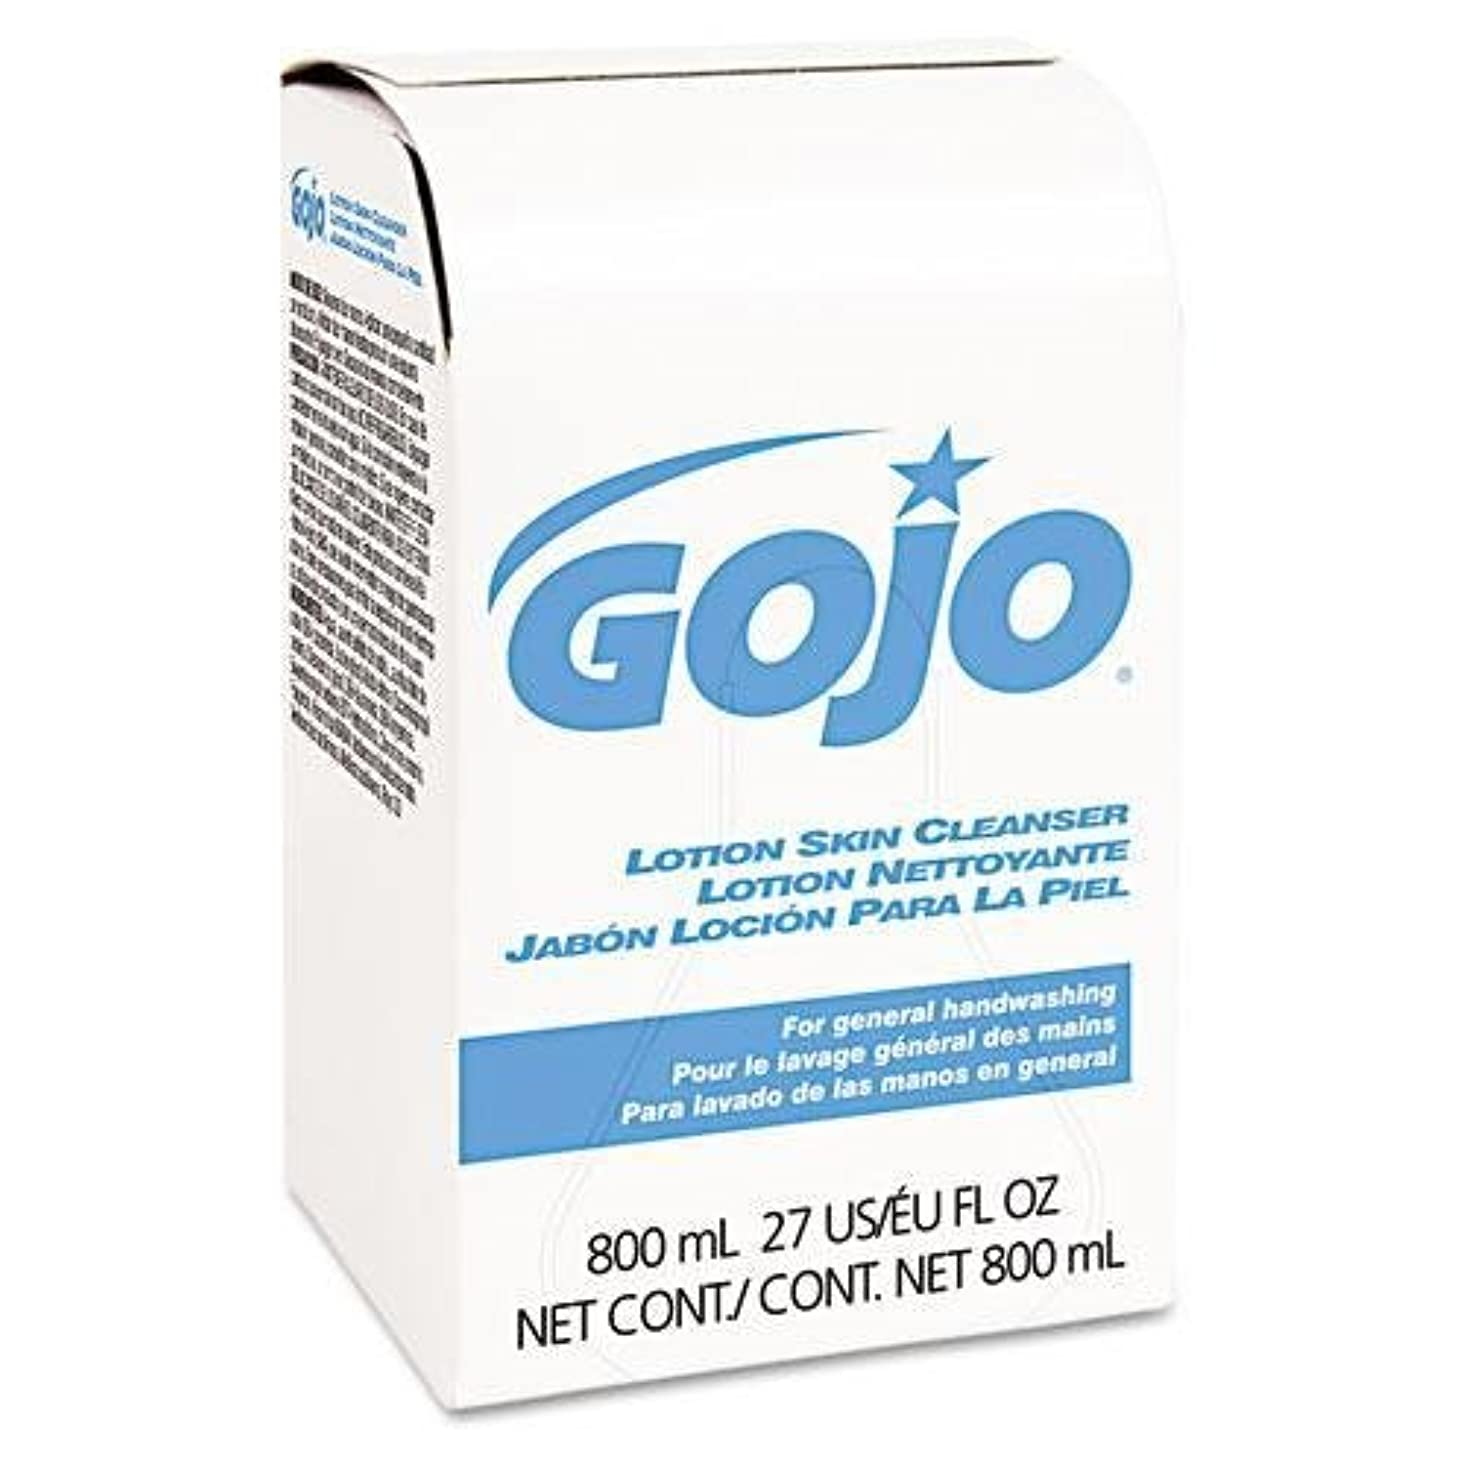 星洞察力のある織機goj911212 – GOJOローションスキンソープディスペンサー詰め替え